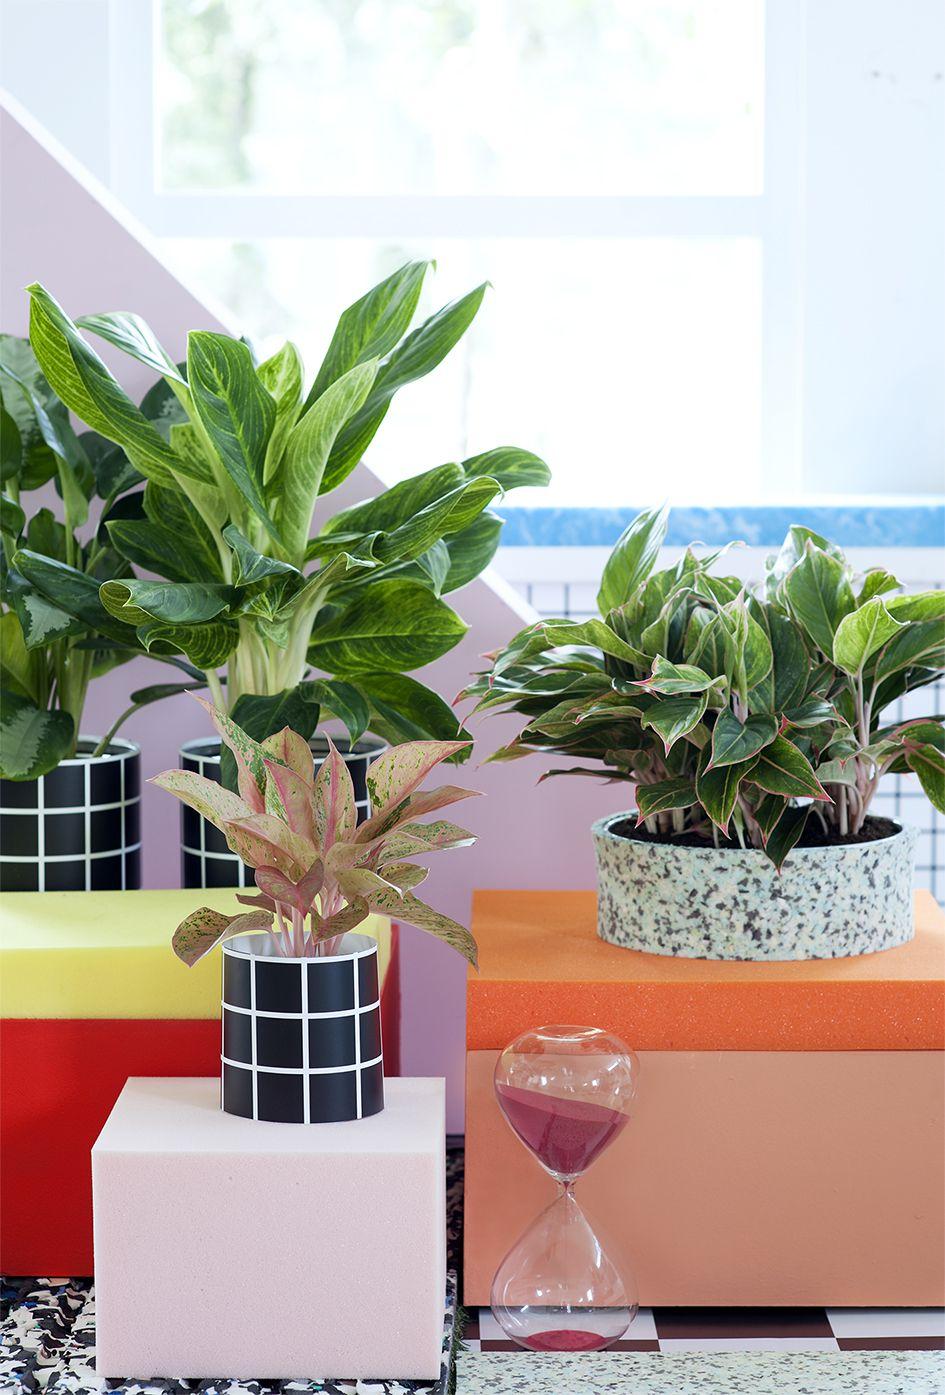 Decoratie Planten Binnen.L Aglaonema Like Plants Kamerplanten Planten En Planten Binnen